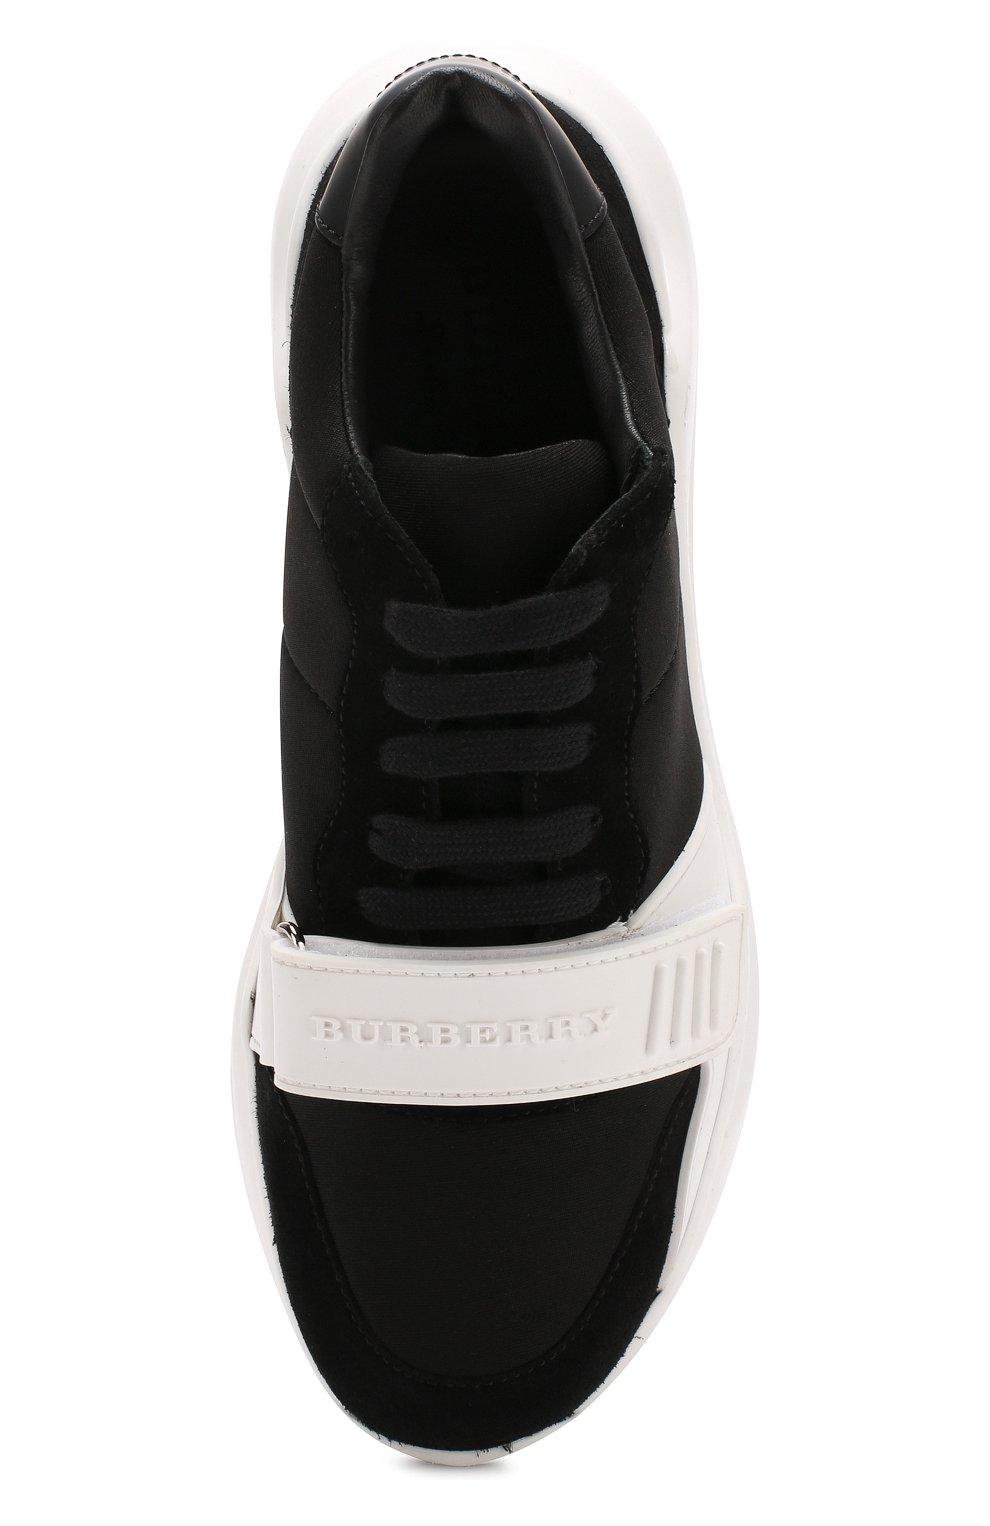 fde2a8c65ce9 Женская обувь Burberry по цене от 14 700 руб. купить в интернет-магазине ЦУМ